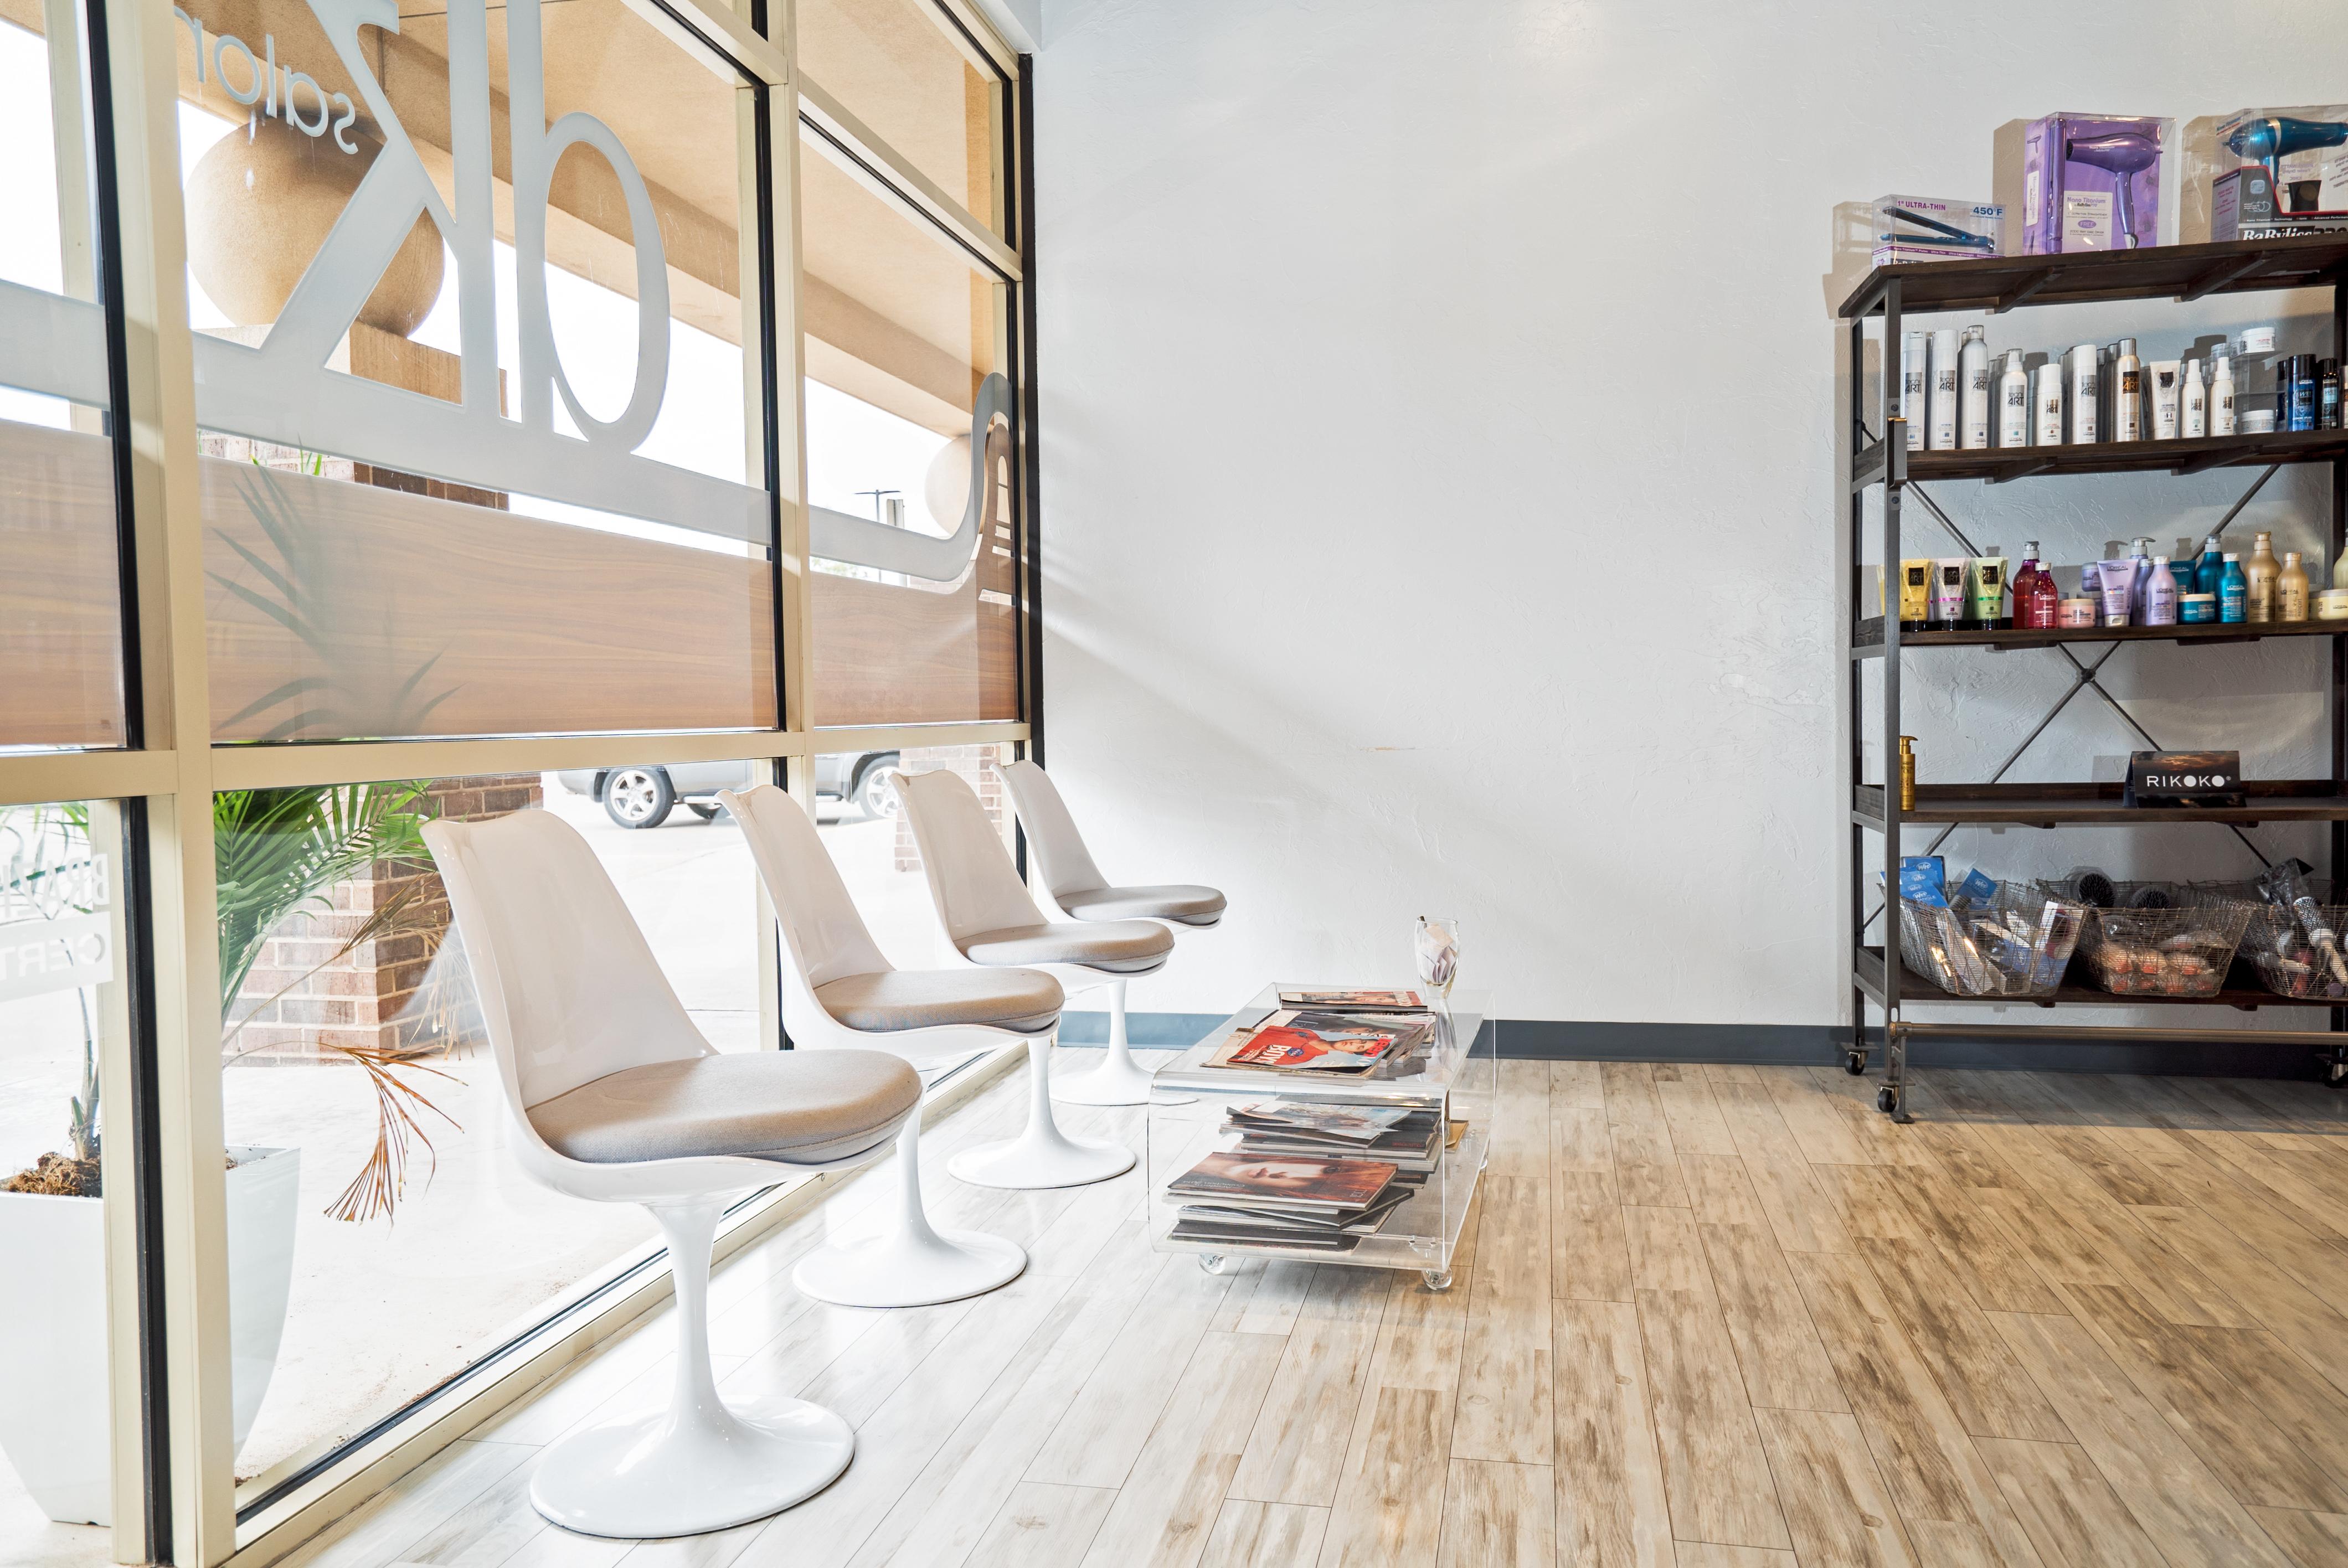 DK Salon